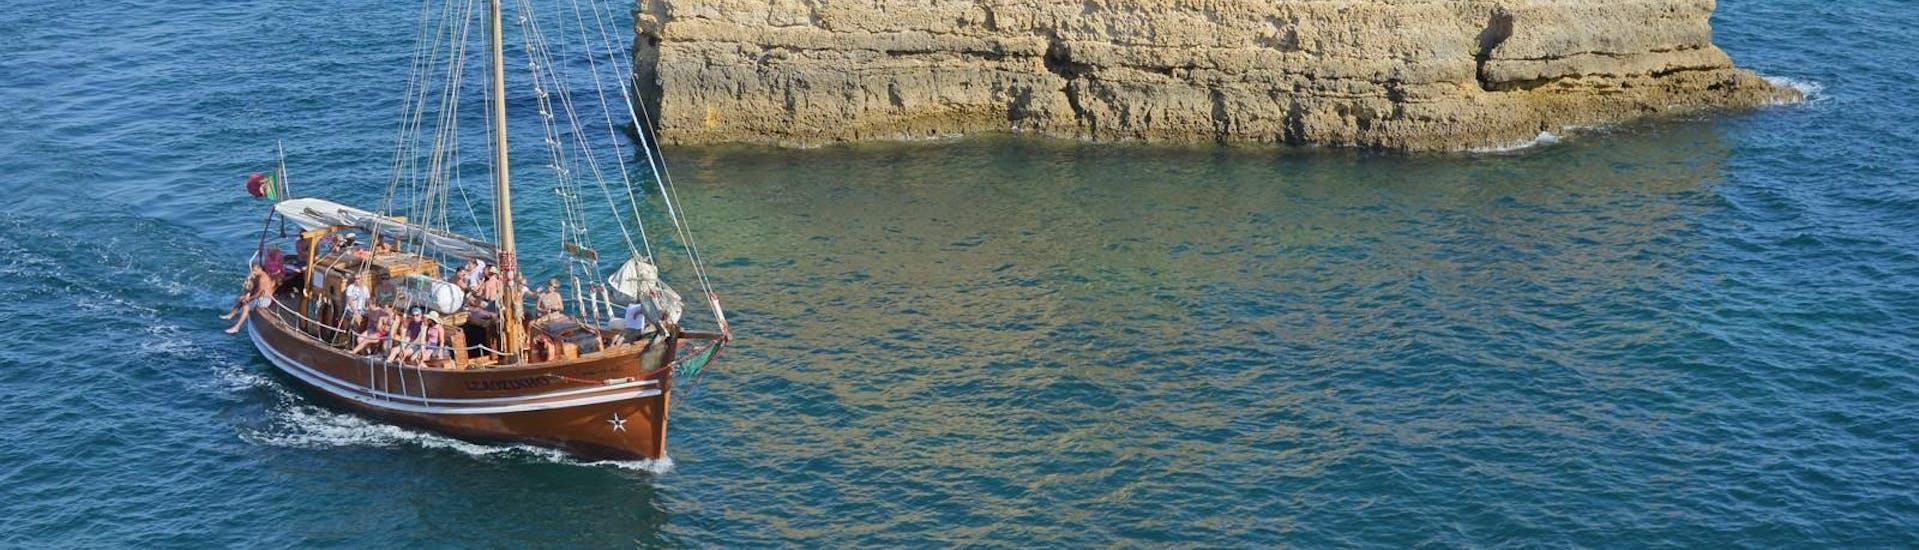 Urlauber genießen den atemberaubenden Ausblick auf ihrer Bootstour mit dem Piratenschiff von Dream Wave entlang der Küste der Algarve.